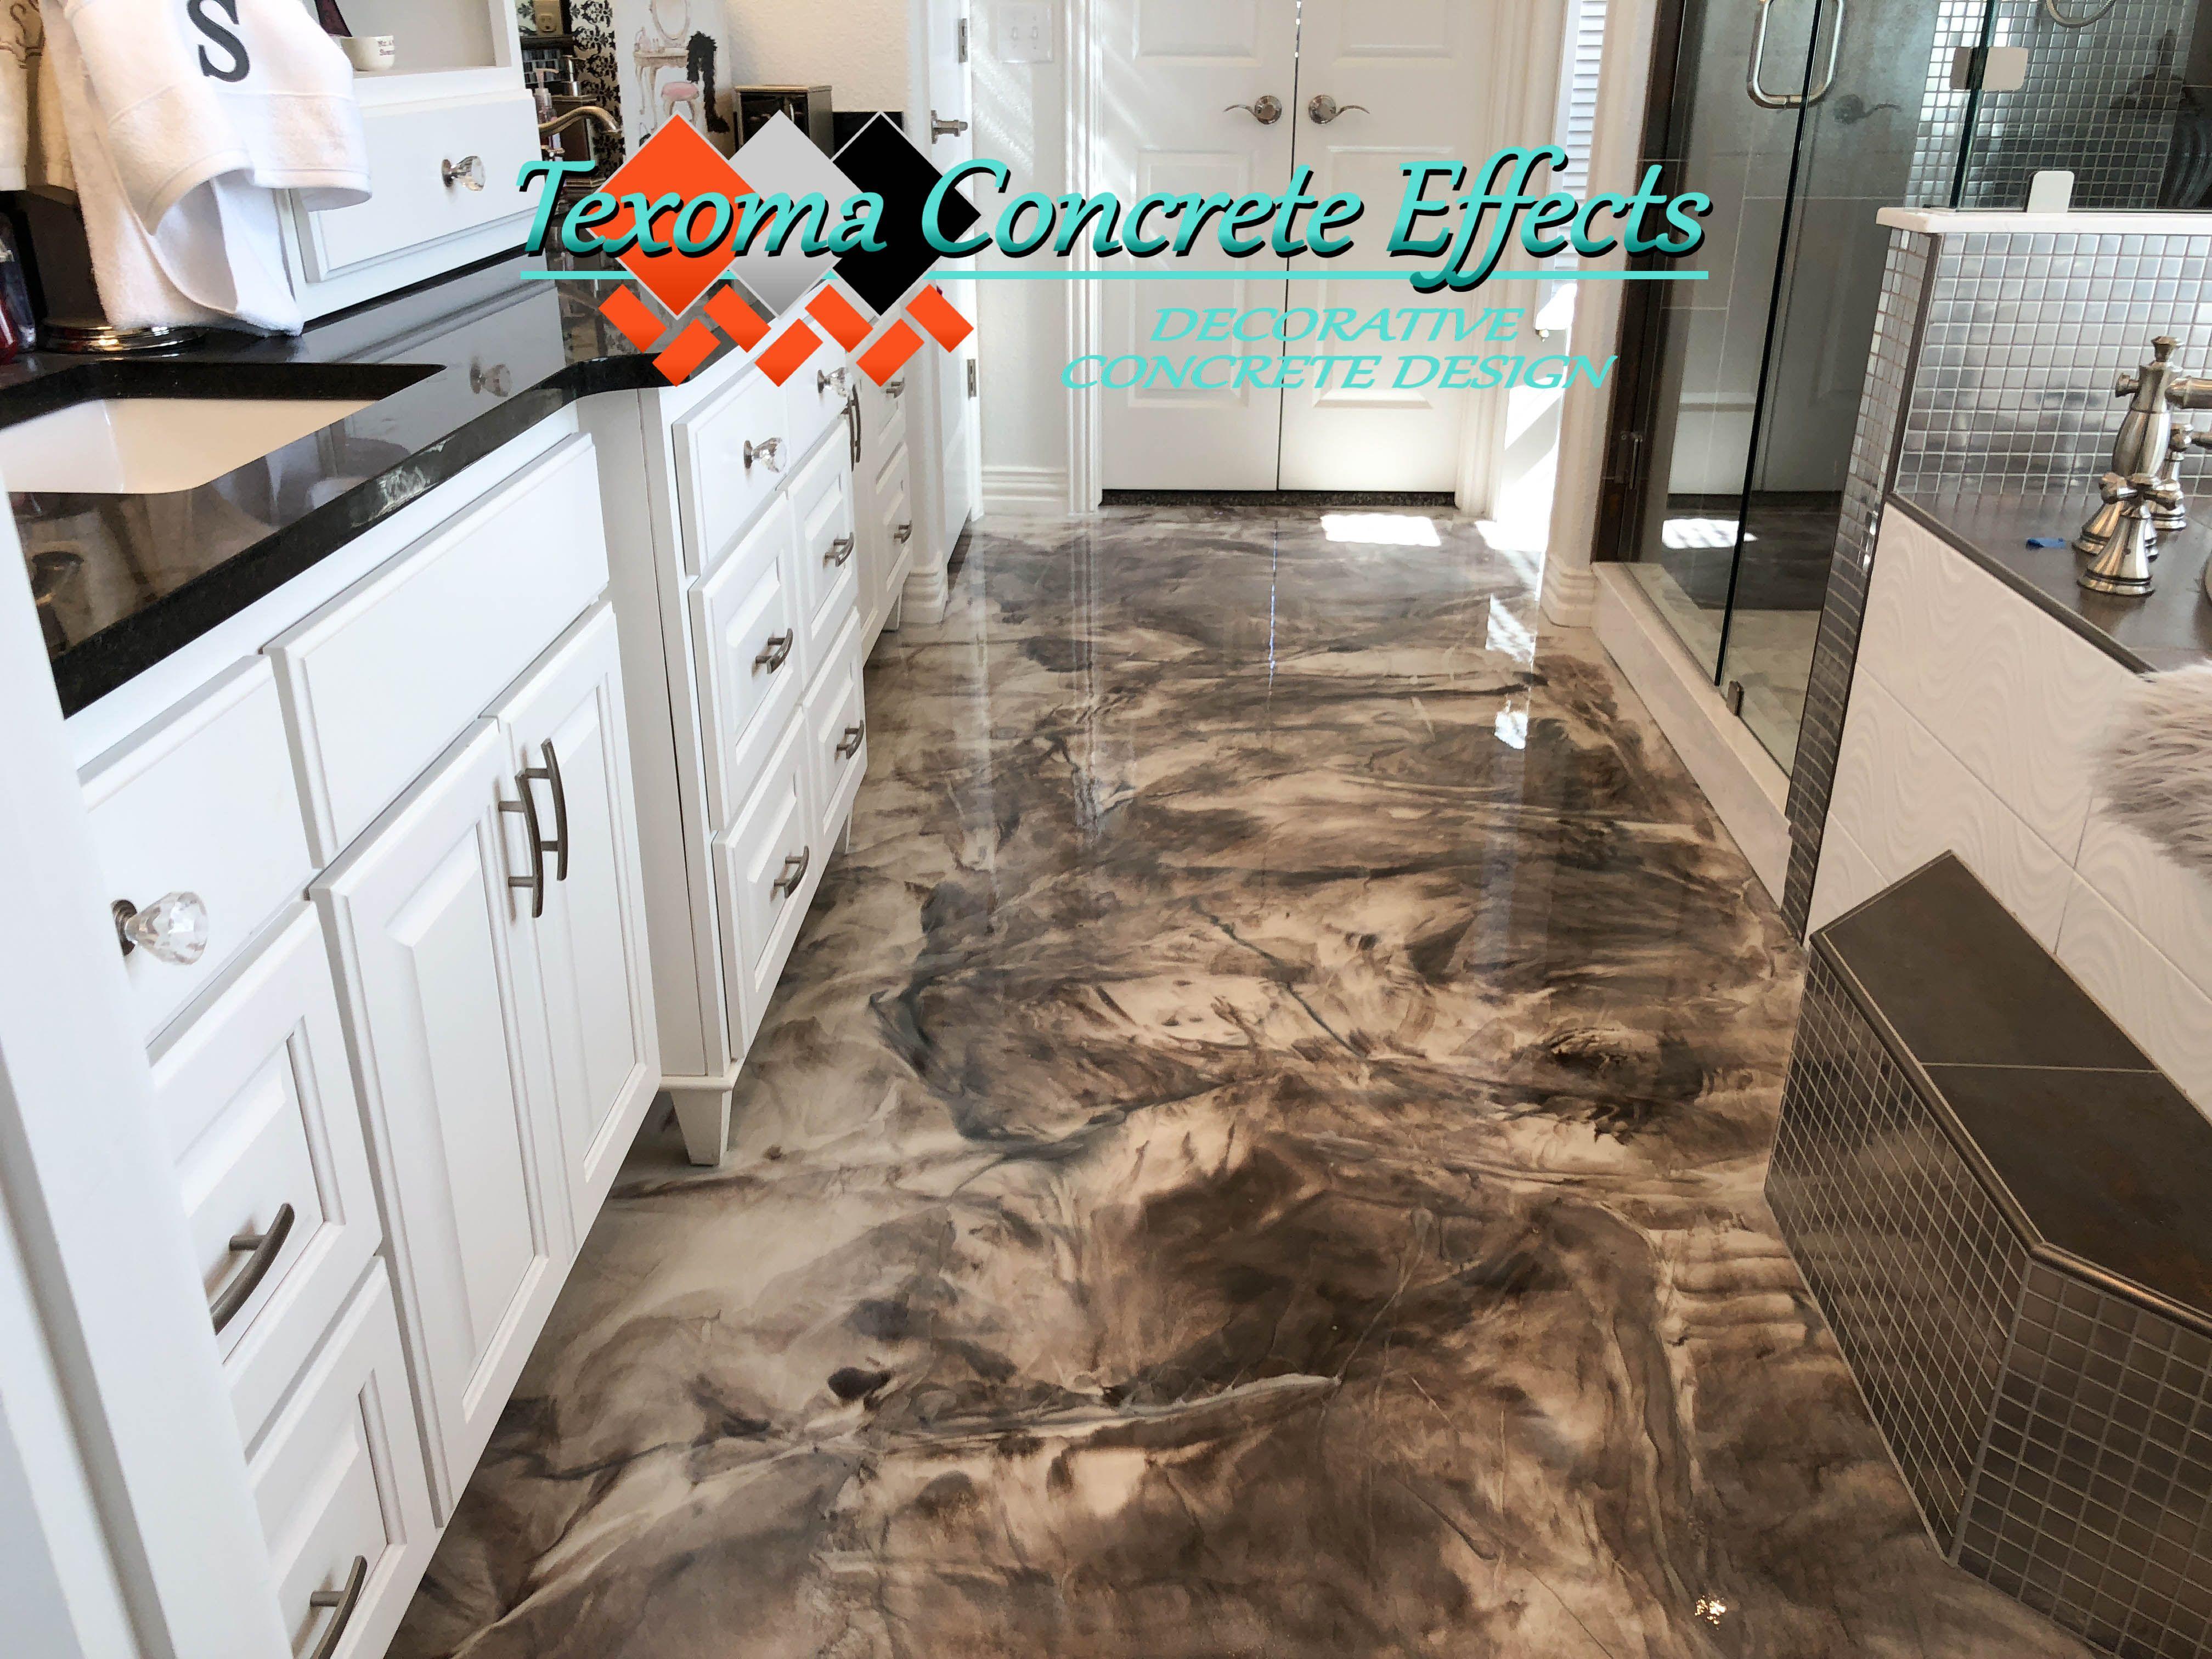 Metallic Epoxy Floor Matte Finish By Texoma Concrete Effects Iowa Park Tx Metallic Epoxy Floor Epoxy Floor Iowa Park